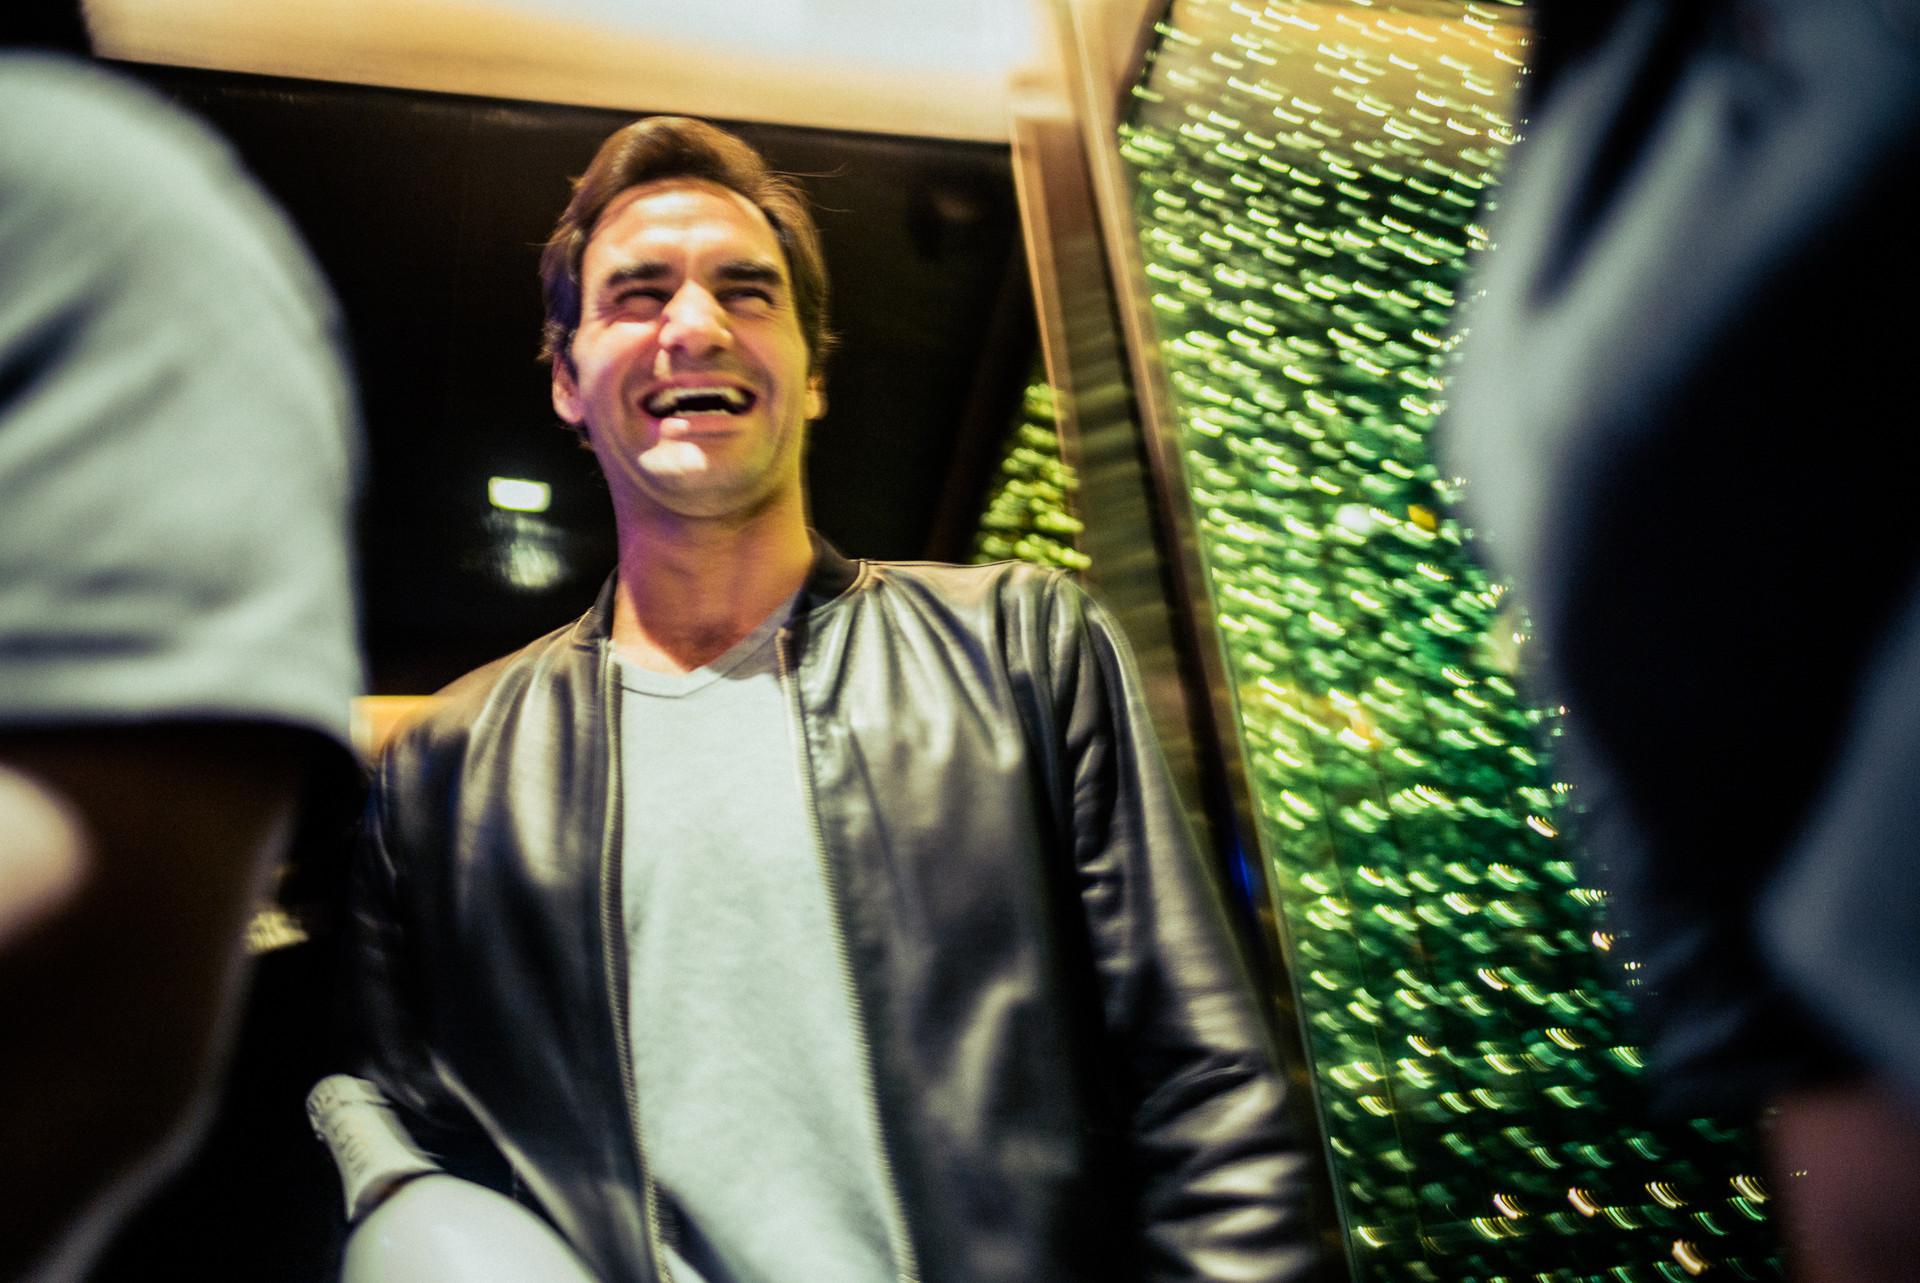 Miami_Federer-1002017.jpg